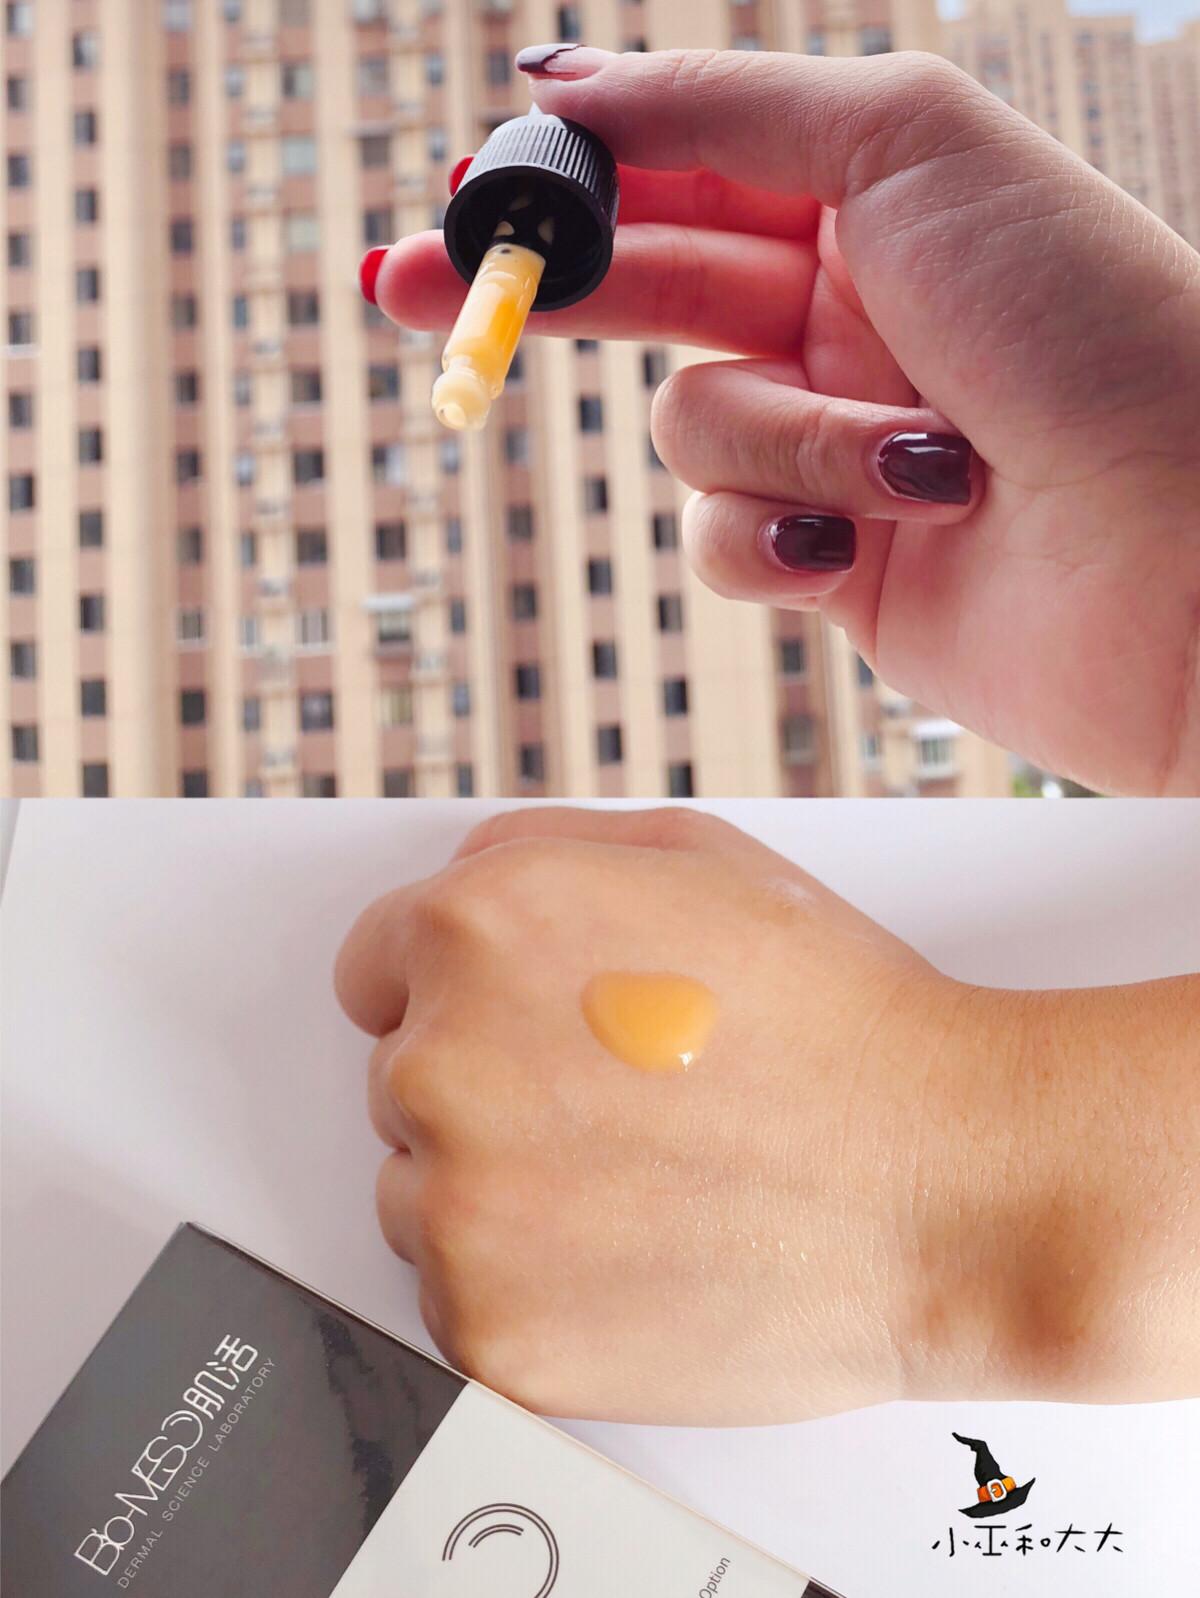 防伪可查 Bio-Meso肌活虾青素原液30ml抗氧化精华提亮肤色增角质